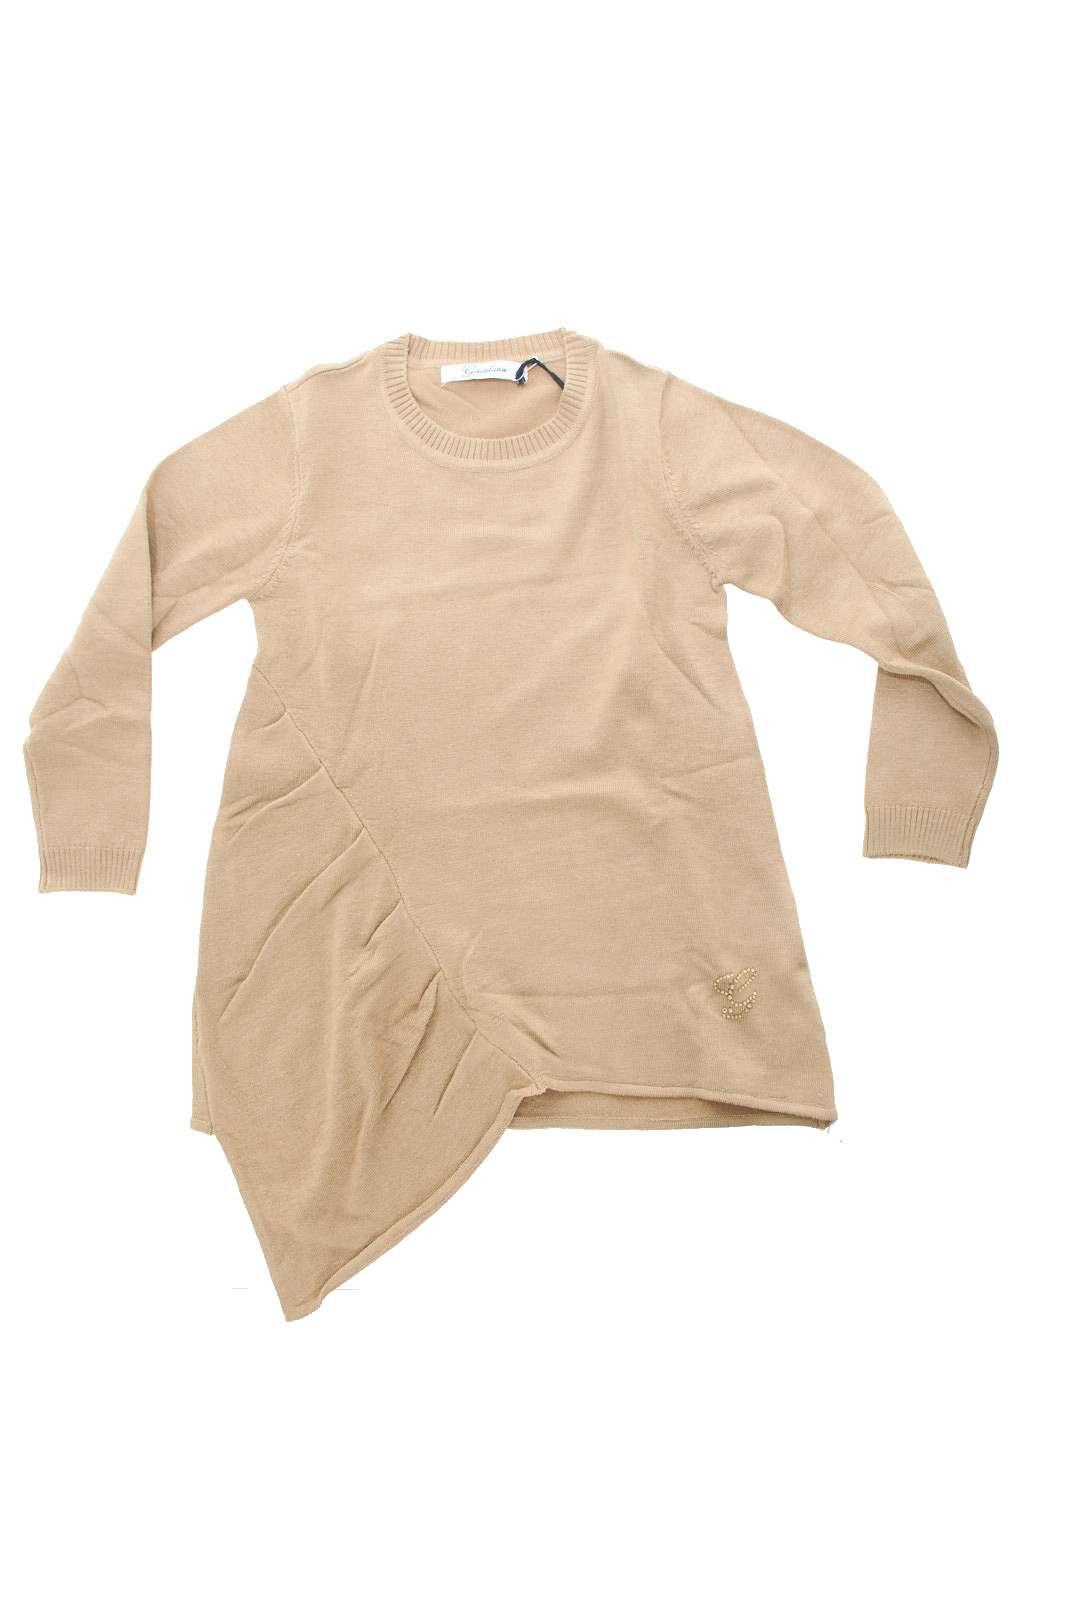 Una maglia fashion e perfetta da indossare anche con i leggings quella proposta dalla moda bambina Gaialuna. La linea semplice è impreziosita dall'inserto laterale asimmetrico con una leggera arricciatura, per rendere il capo unico. Leggermente lunga e dalla vestibilità morbida, è un must have.